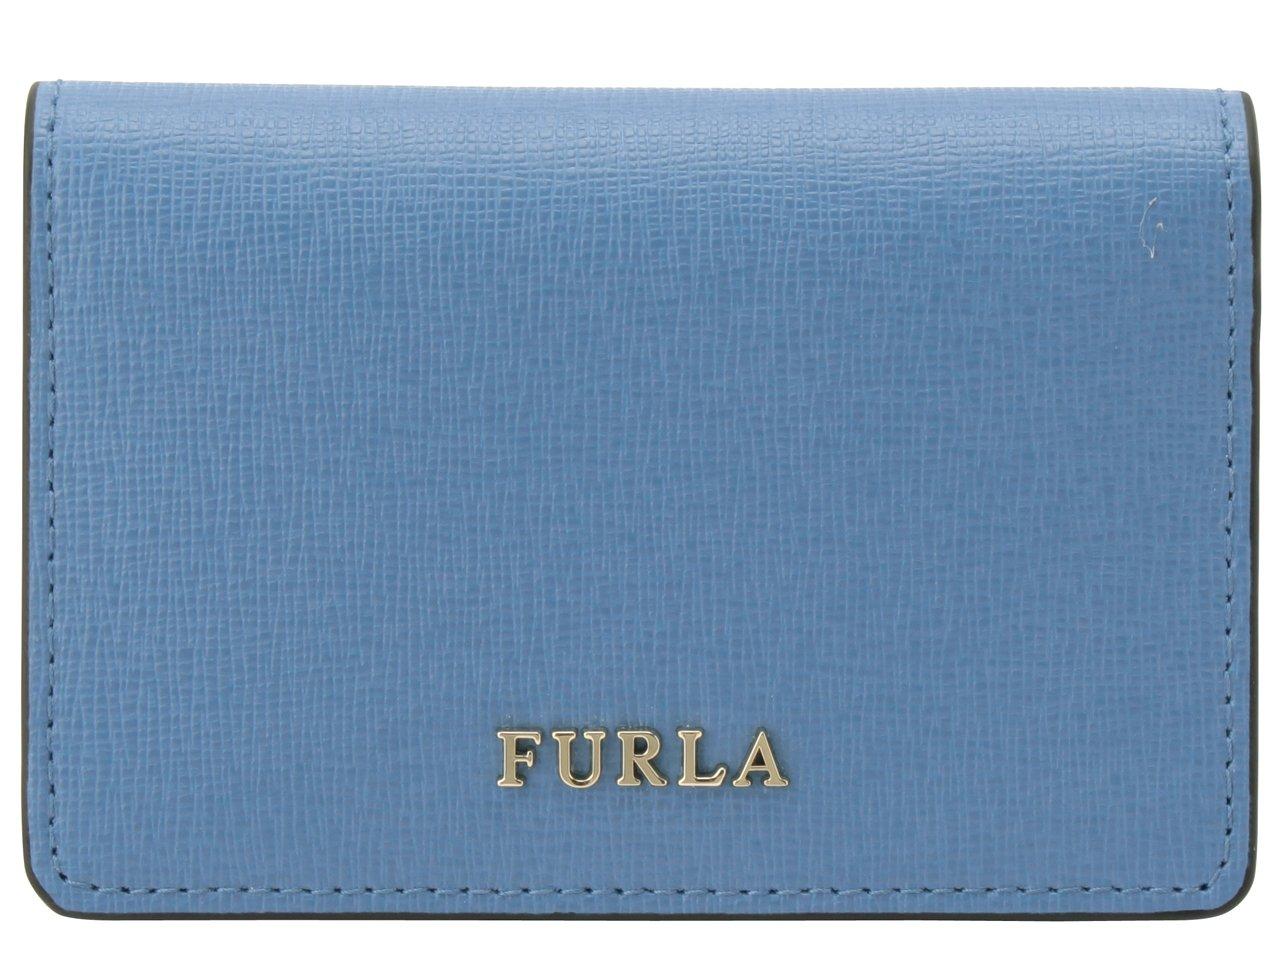 (フルラ) FURLA カードケース 名刺入れ バビロン BABYLON S BUSINESS レザー [並行輸入品] B07DR8HV1X ライトブルー ライトブルー